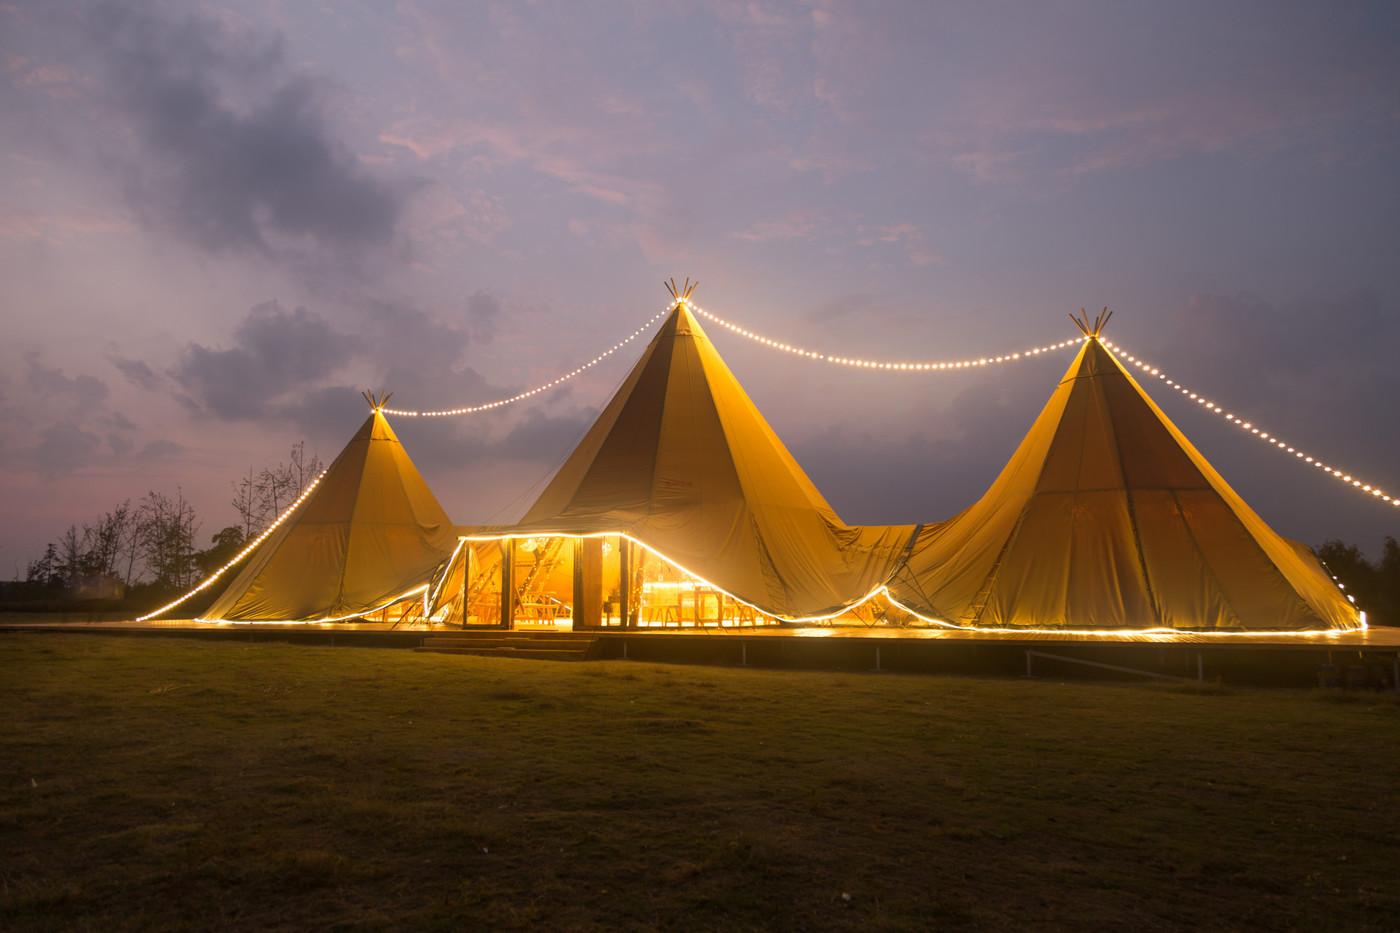 喜马拉雅印第安多功能大厅—淮安白马湖生态旅游度假区18